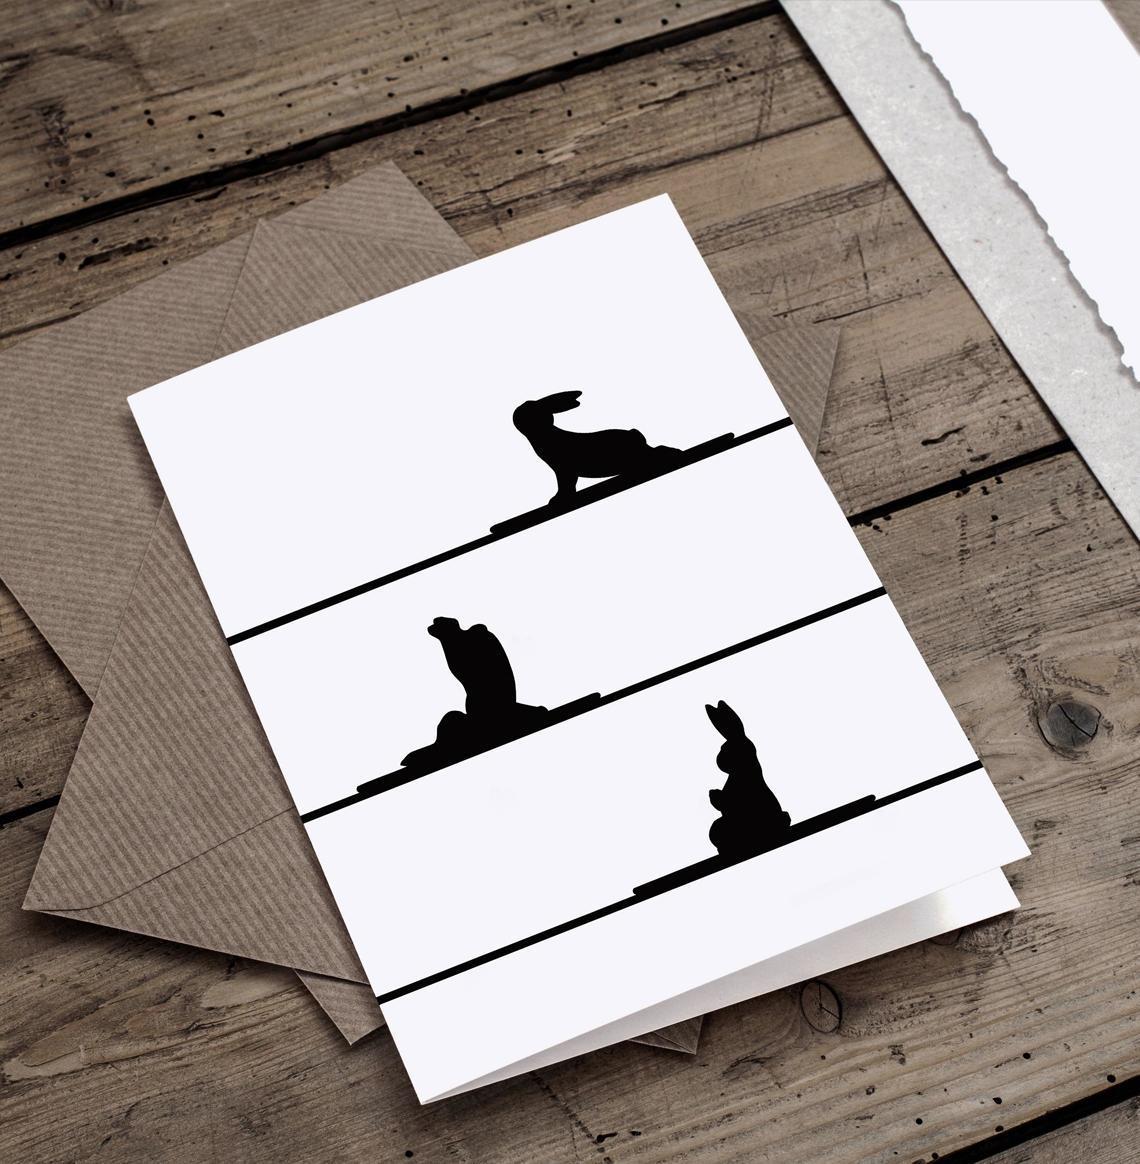 papírová přání k narozeninám Černobílé papírové přání se siluetami králíků cvičících jógu  papírová přání k narozeninám